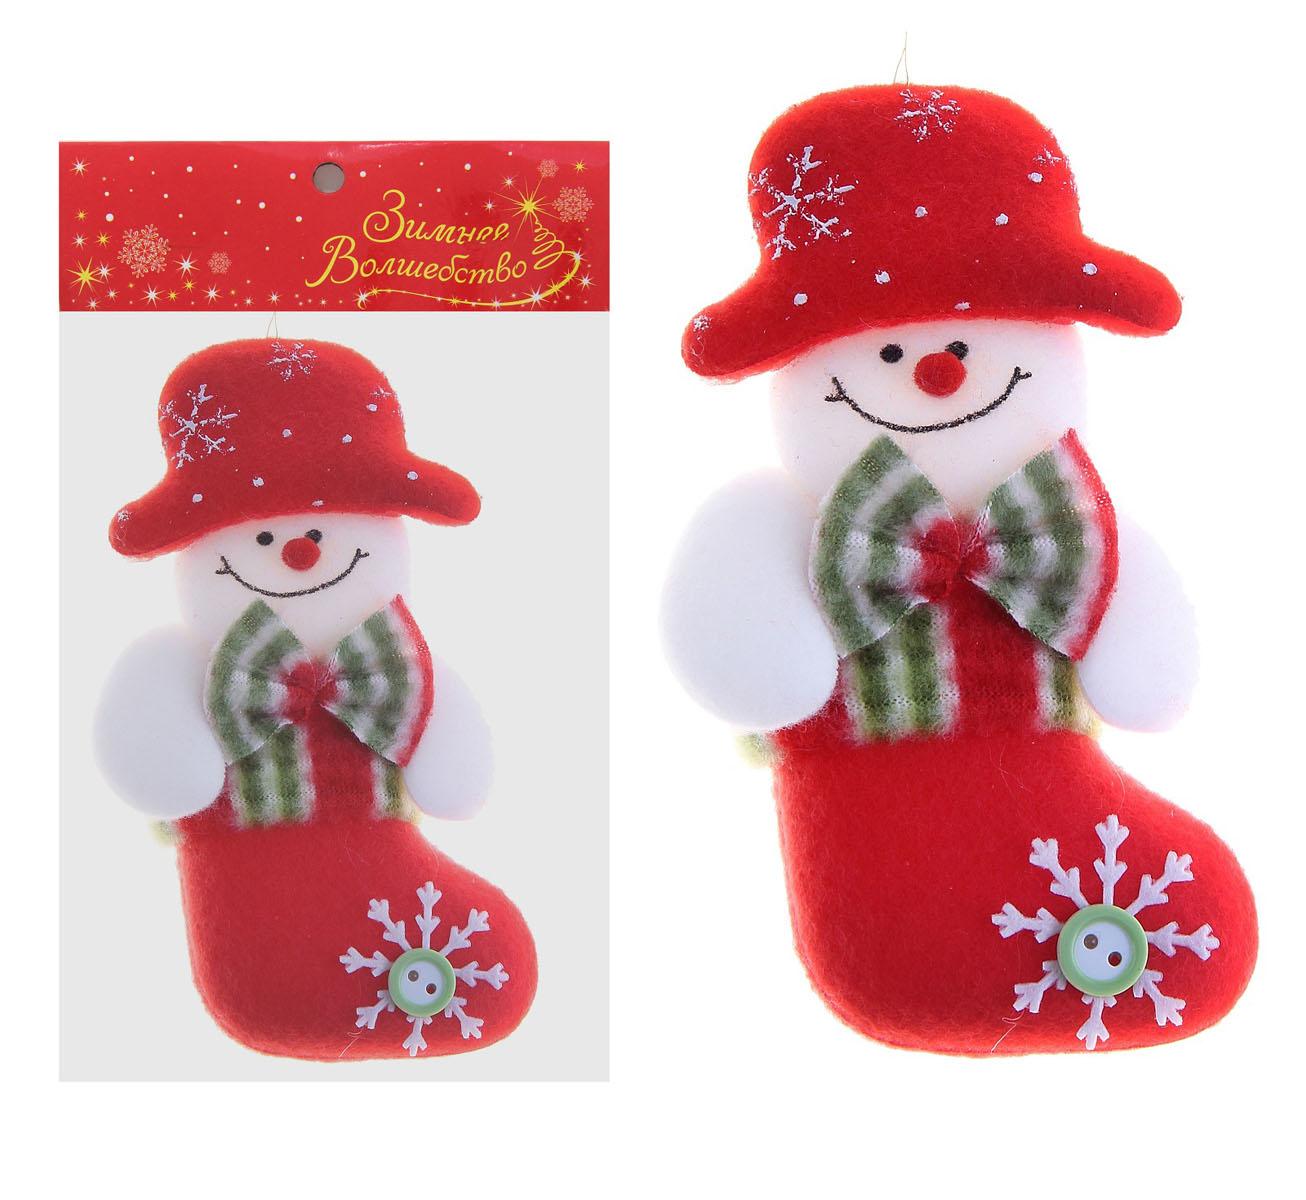 Новогоднее подвесное украшение Sima-land Снеговик. 718533718533Новогоднее украшение Sima-land Снеговик отлично подойдет для декорации вашего дома и новогодней ели. Игрушка выполнена из текстиля в виде забавного Снеговика с бабочкой на шее в сапожке, украшенном снежинкой и декоративной пуговицей. Украшение оснащено специальной текстильной петелькой для подвешивания. Елочная игрушка - символ Нового года. Она несет в себе волшебство и красоту праздника. Создайте в своем доме атмосферу веселья и радости, украшая всей семьей новогоднюю елку нарядными игрушками, которые будут из года в год накапливать теплоту воспоминаний. Коллекция декоративных украшений из серии Зимнее волшебство принесет в ваш дом ни с чем не сравнимое ощущение праздника! Материал: текстиль, пластик.